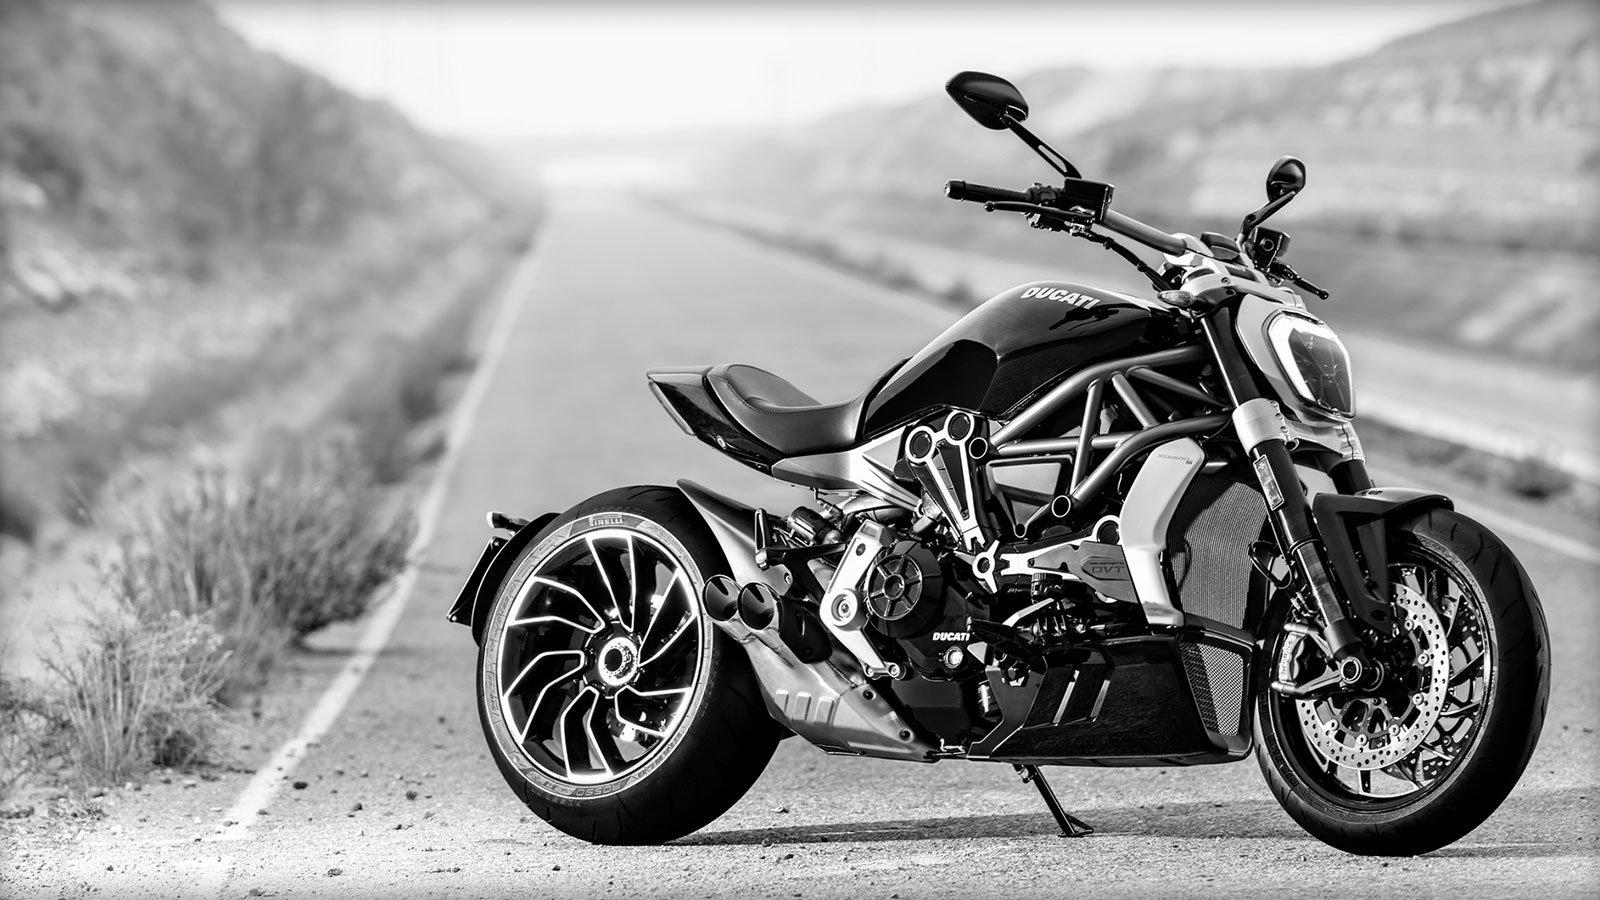 una moto Ducati color nero in una strada deserta in bianco e nero